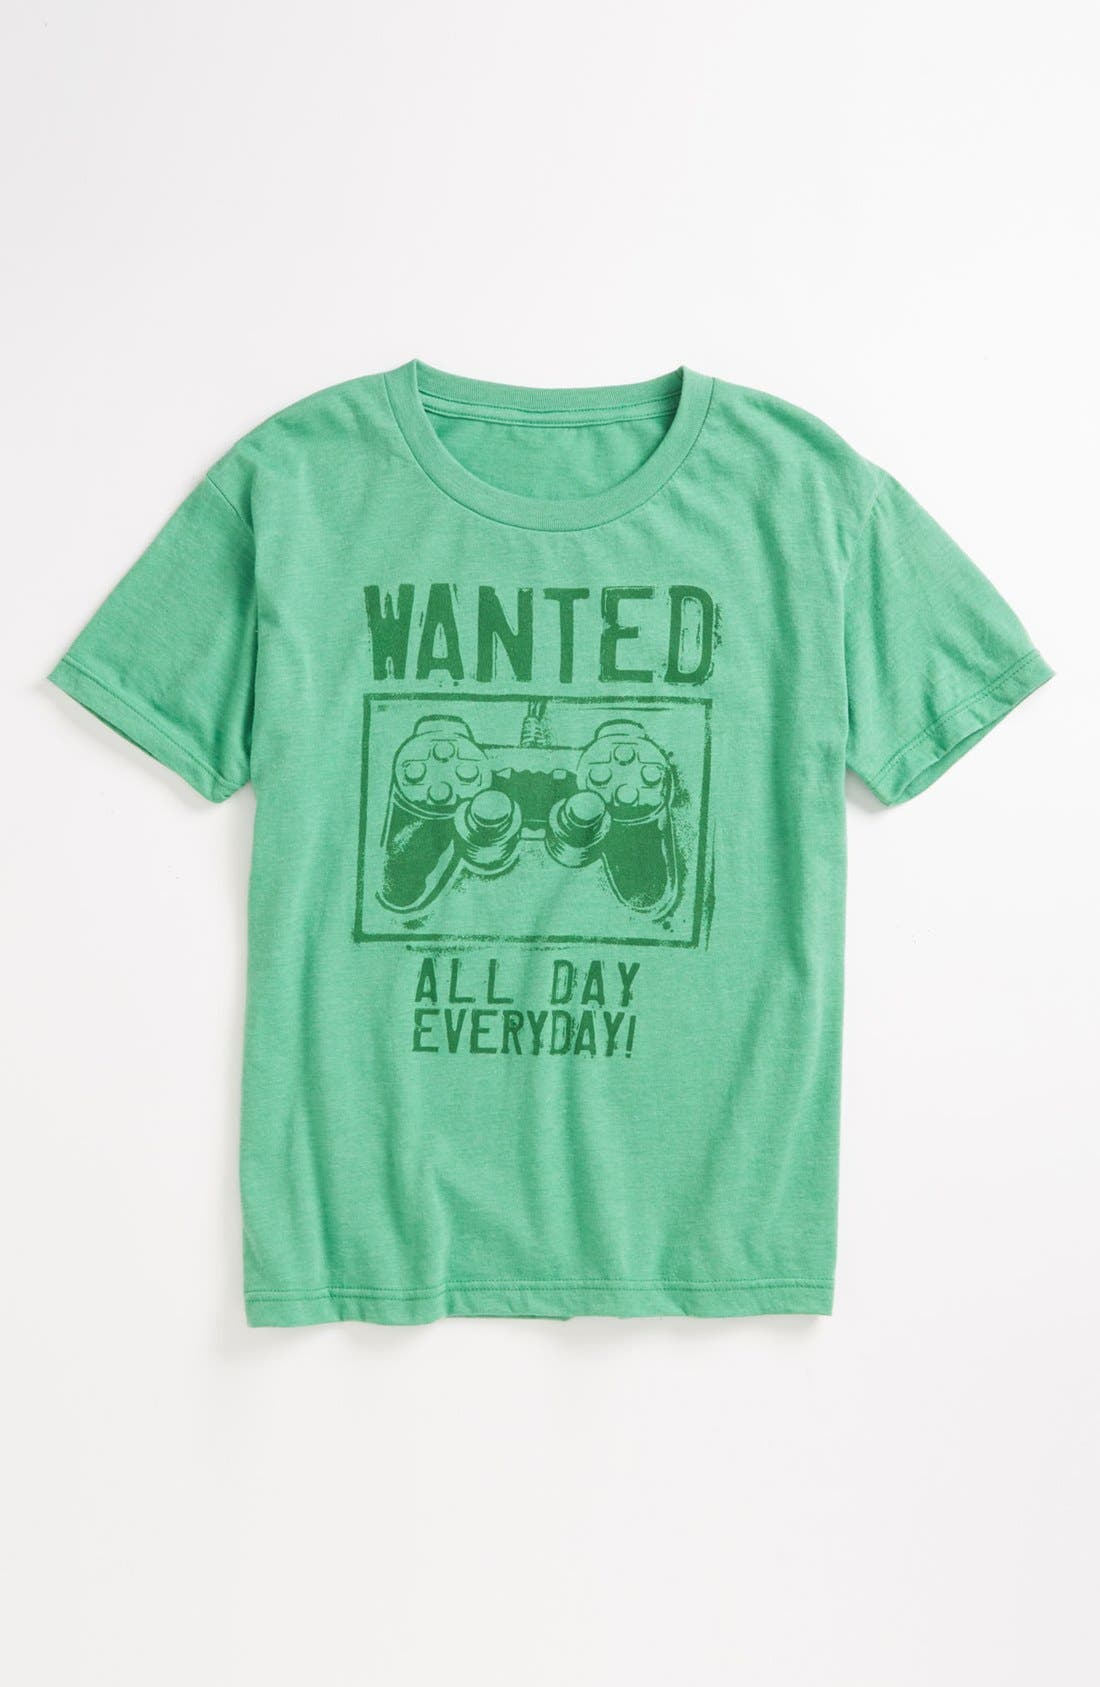 Main Image - Jem 'Wanted' Screenprint T-Shirt (Big Boys)